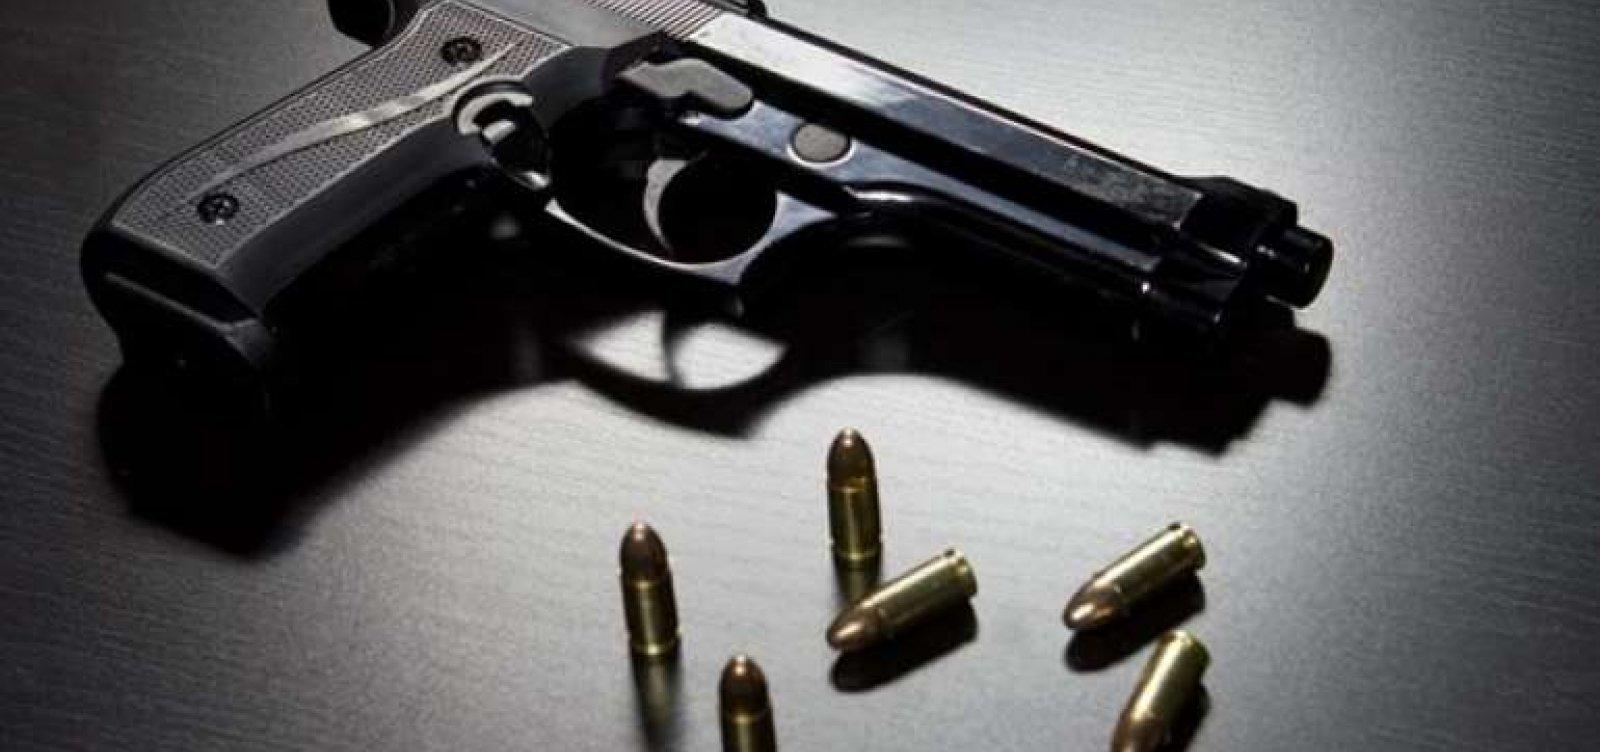 [A cada 3 dias, uma criança é internada após acidente doméstico com arma]